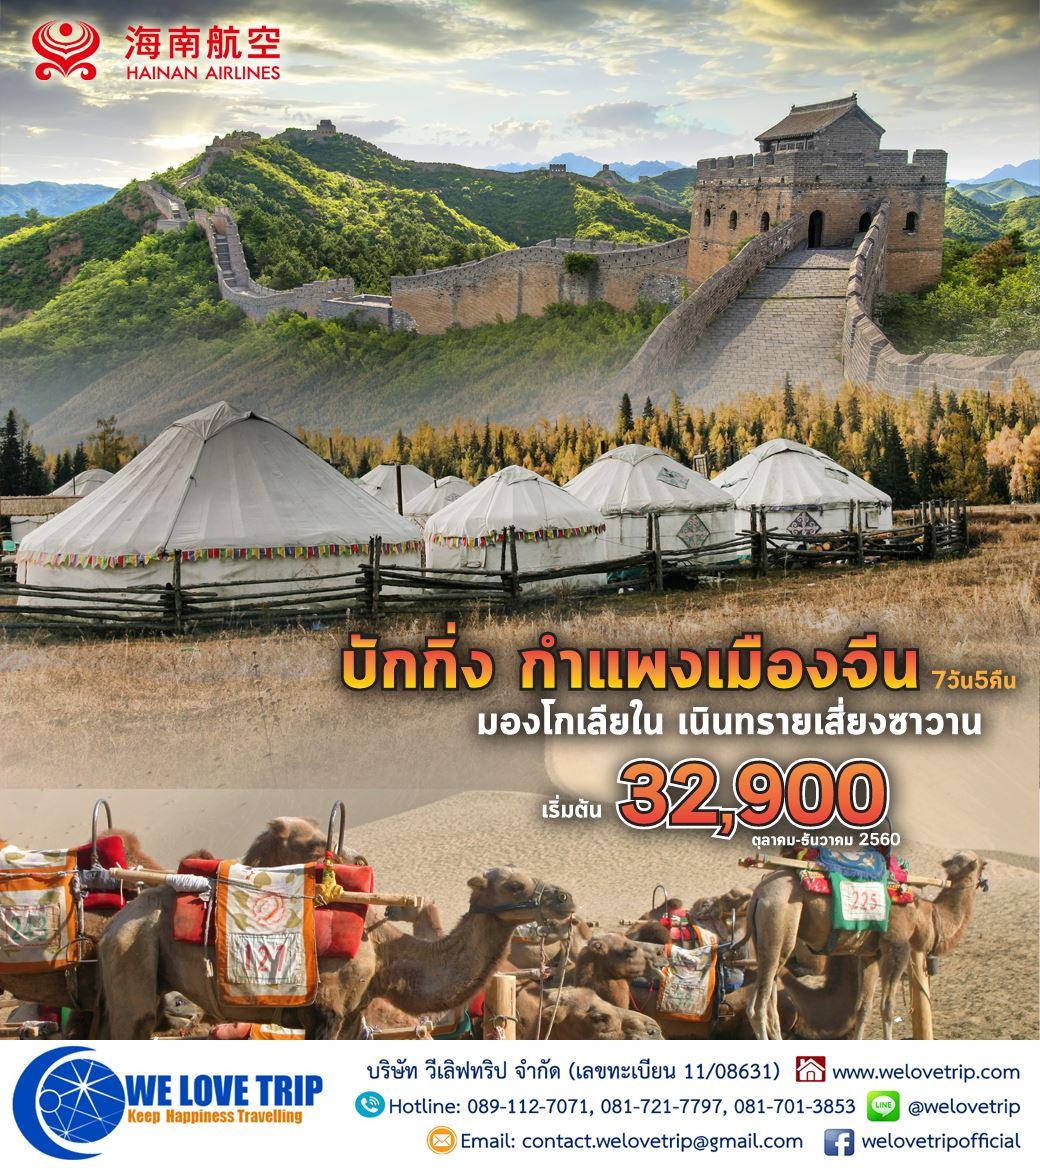 (HET001) ทัวร์จีน ปักกิ่ง-มองโกเลียใน (HU) 7 วัน 5 คืน (ตุลาคม - ธันวาคม 2560)